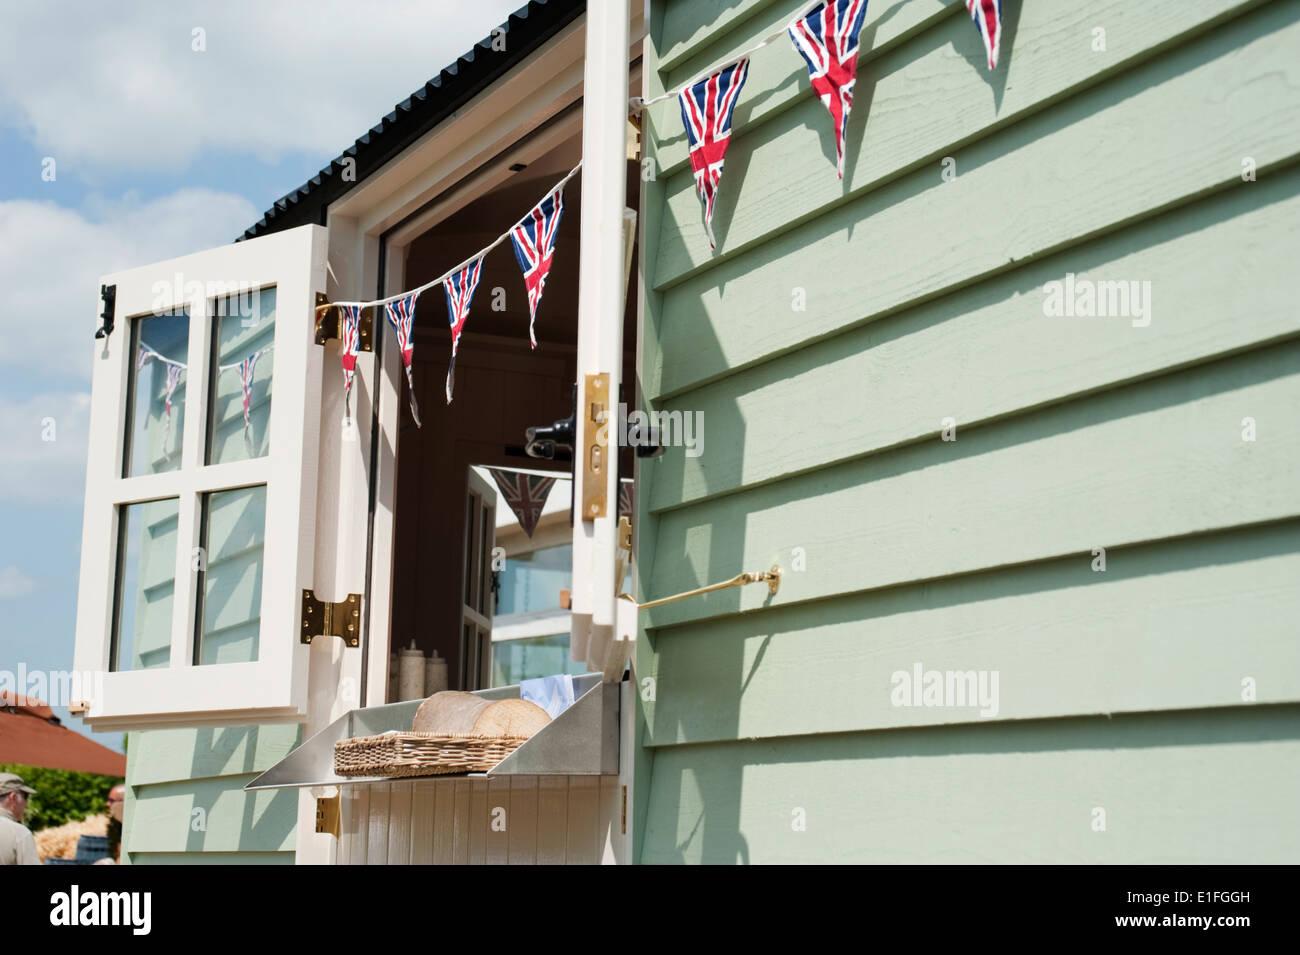 Die Daylesford Sommerfestival auf ihren Hofladen in der Nähe von Kingham, Gloucestershire, England, UK. Stockbild